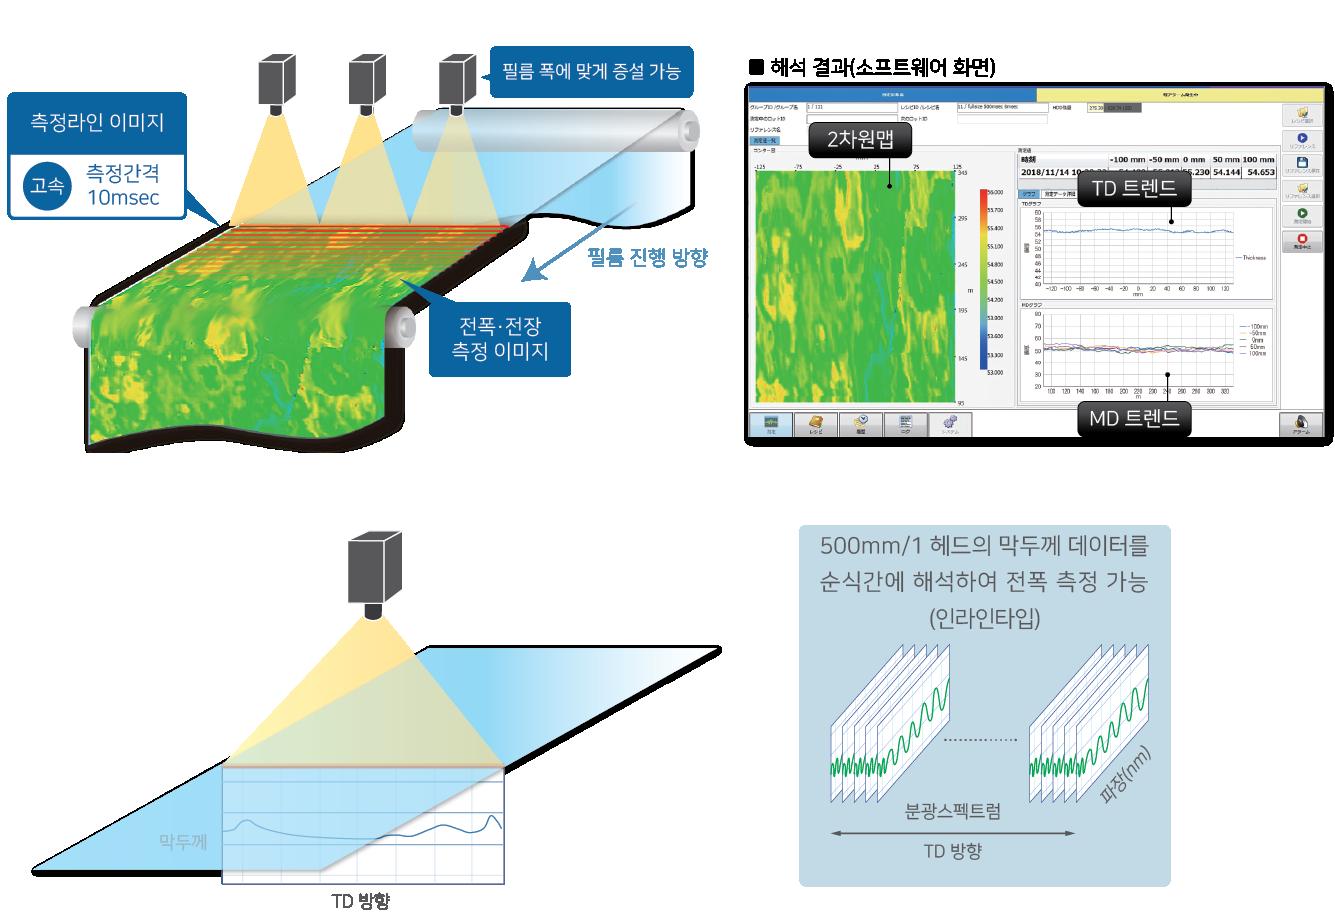 측정 프로세스 및 소프트웨어 화면